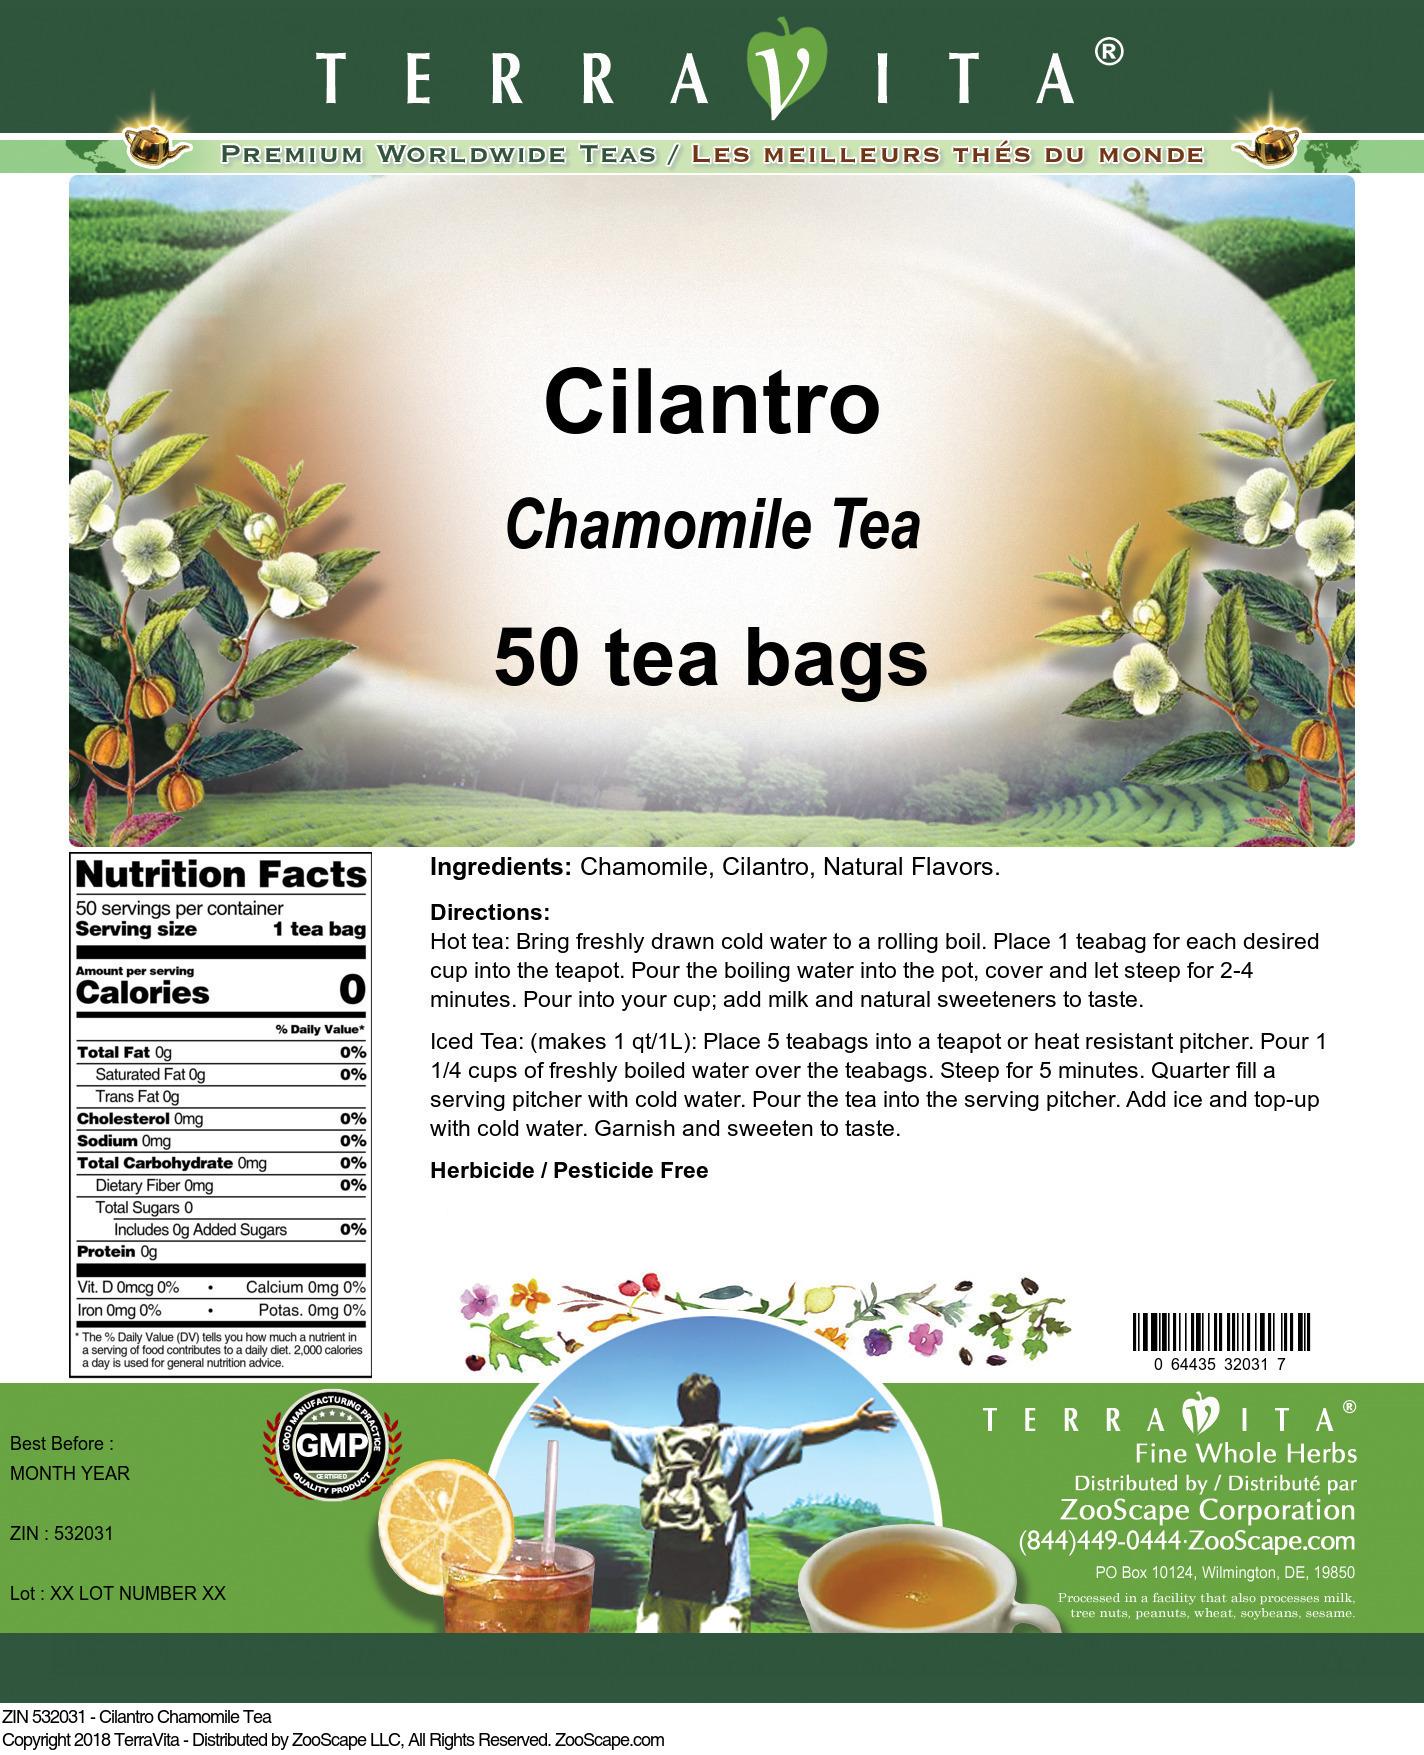 Cilantro Chamomile Tea